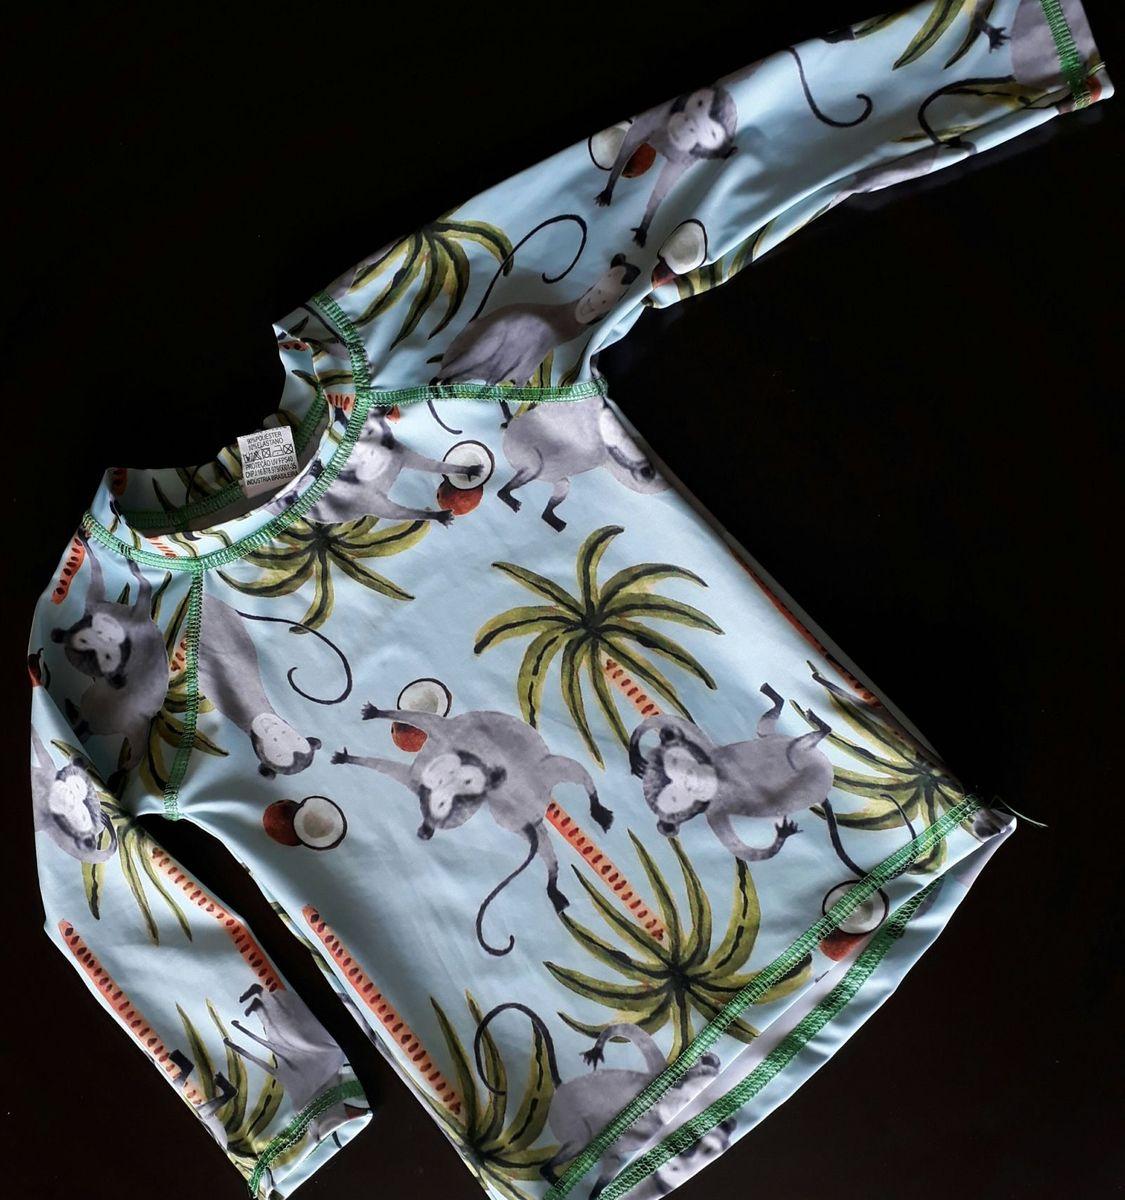 Camisa Proteção Solar Anti Uva Uvb para Bebê   Roupa Infantil para ... 06d08b4a7f